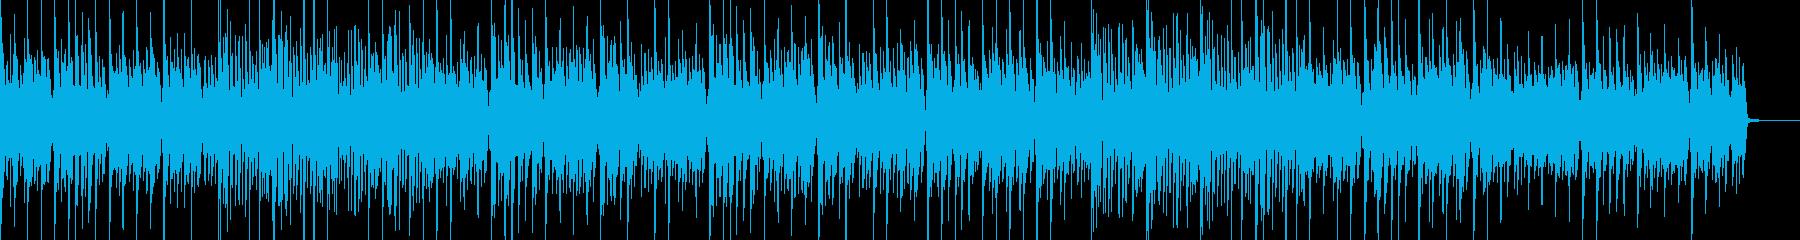 古いピアノが奏でる軽快なBGMの再生済みの波形